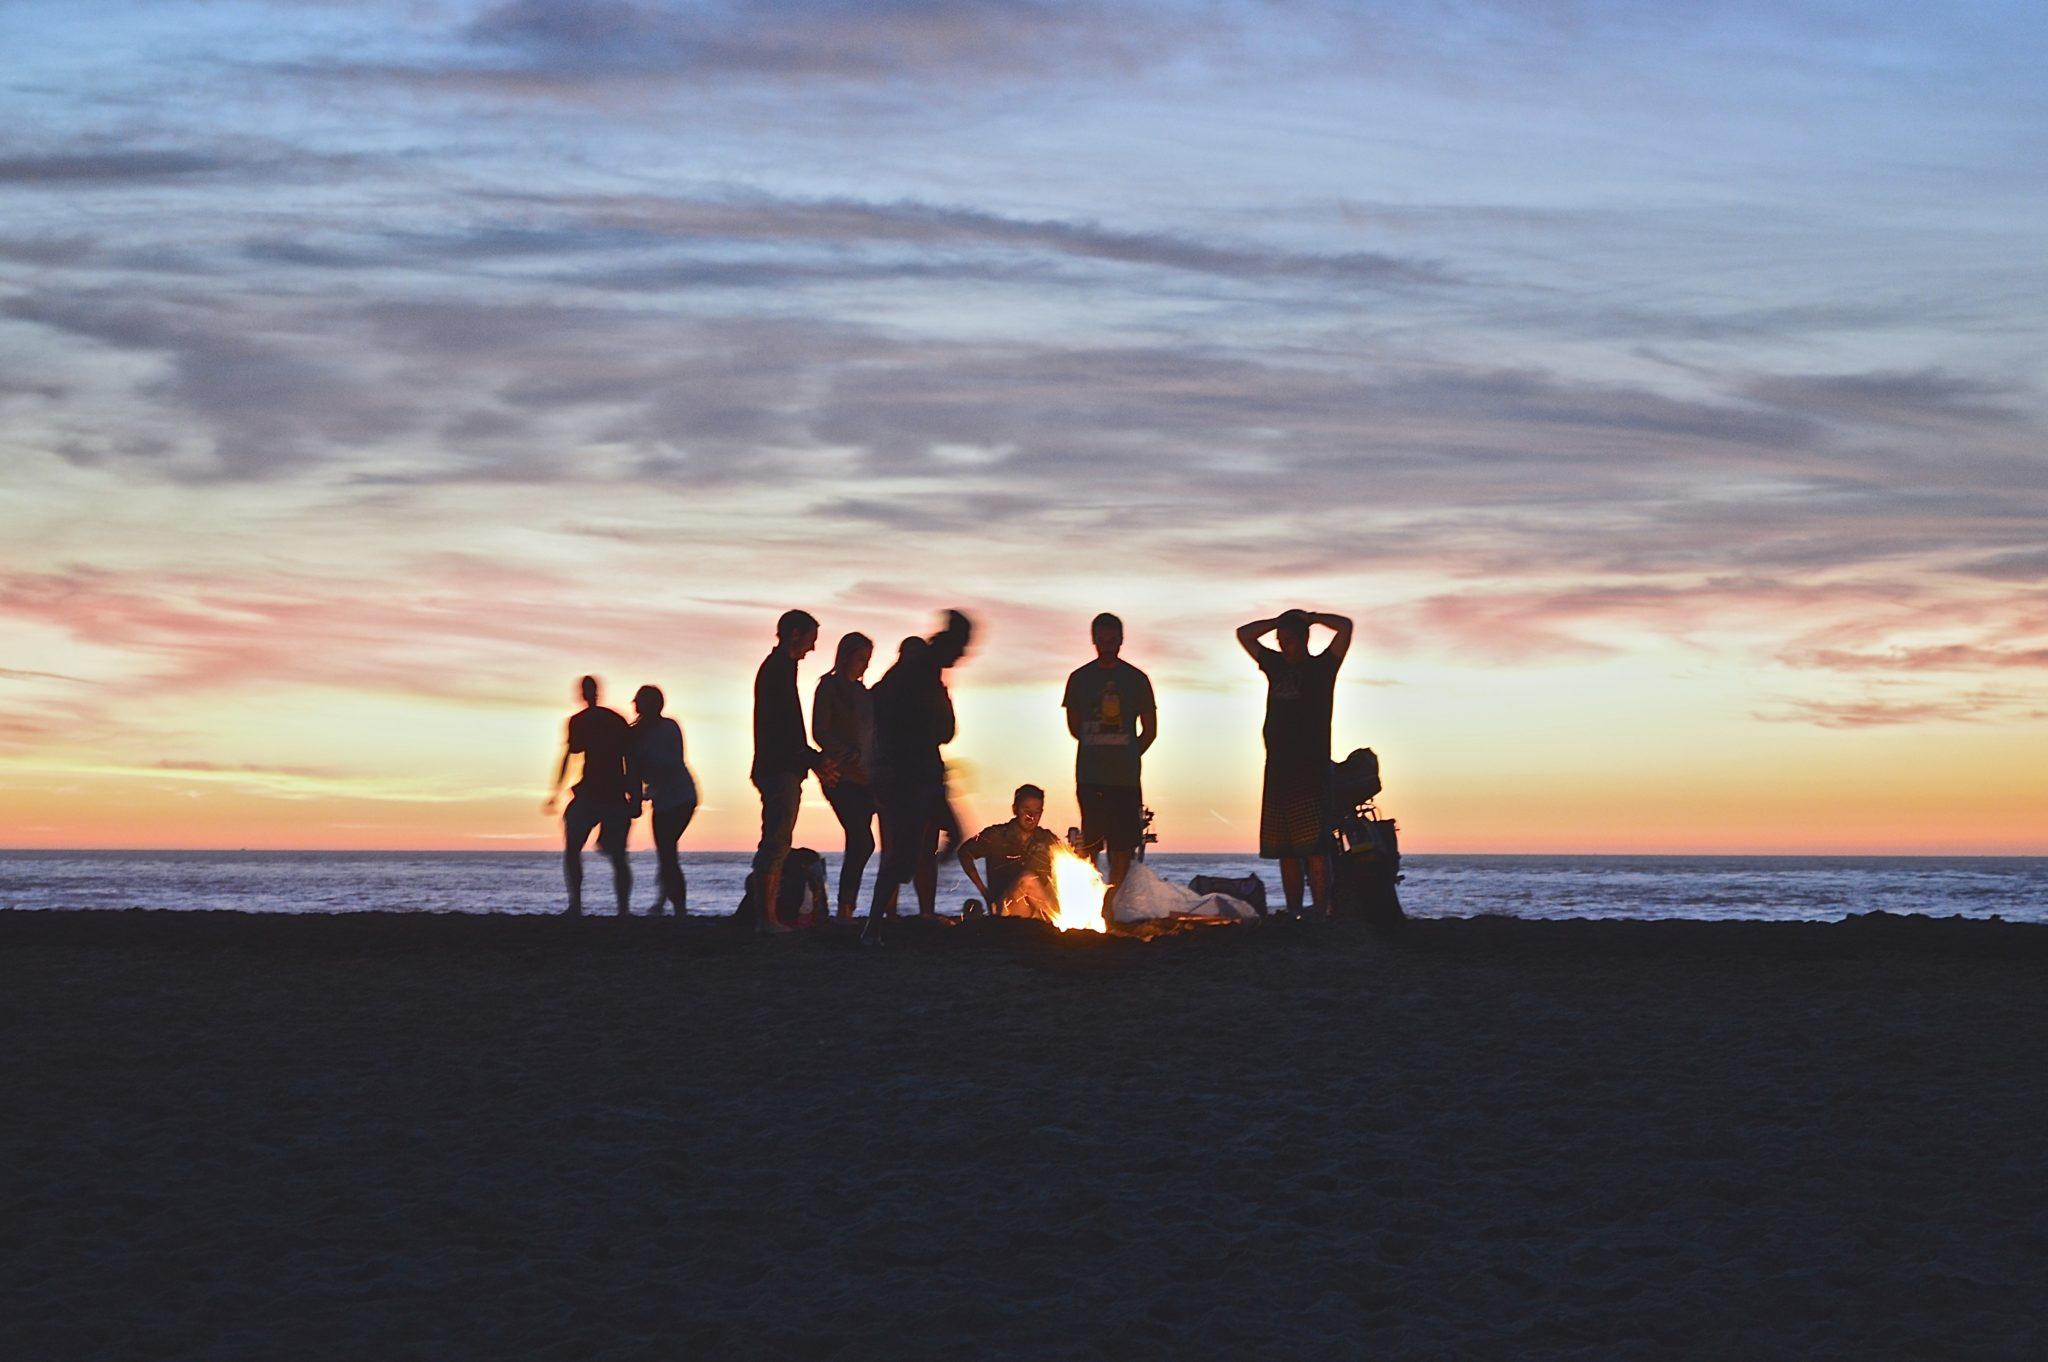 zdjęcie przedstawia grupkę ludzi palących ognisko na tle zachodzącego nad morzem słońca